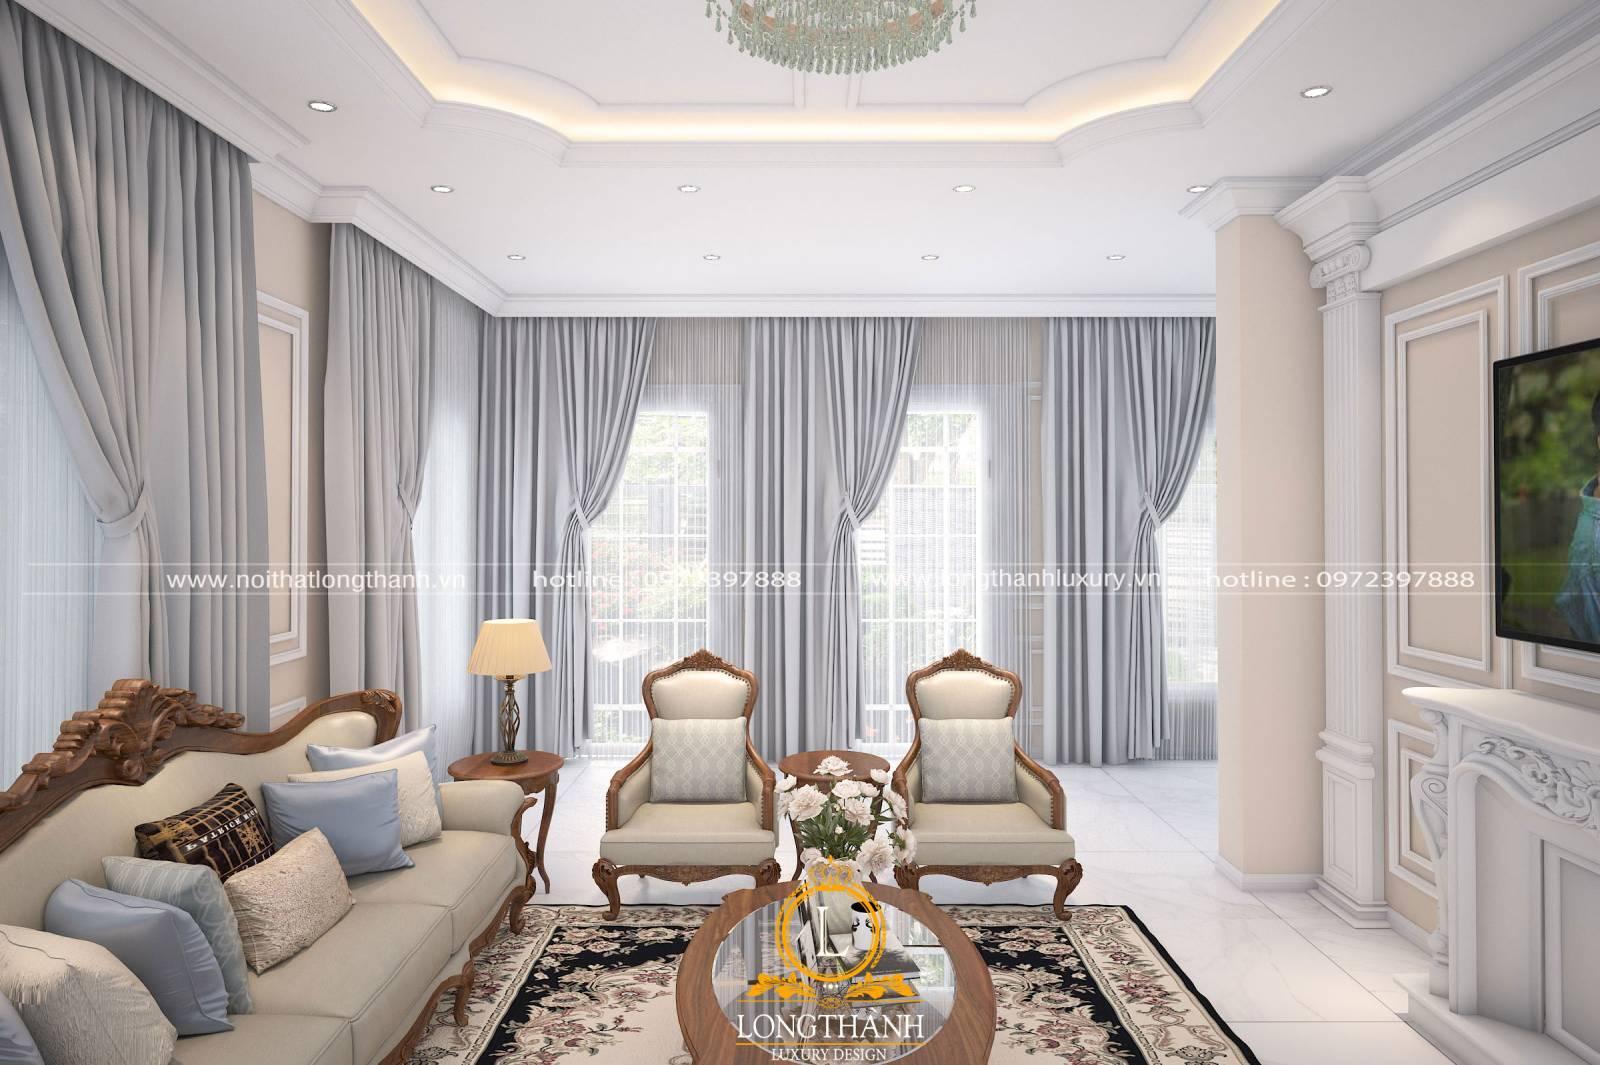 Sản phầm sofa chữ L ngày càng được sử dụng nhiều trong các gia đình